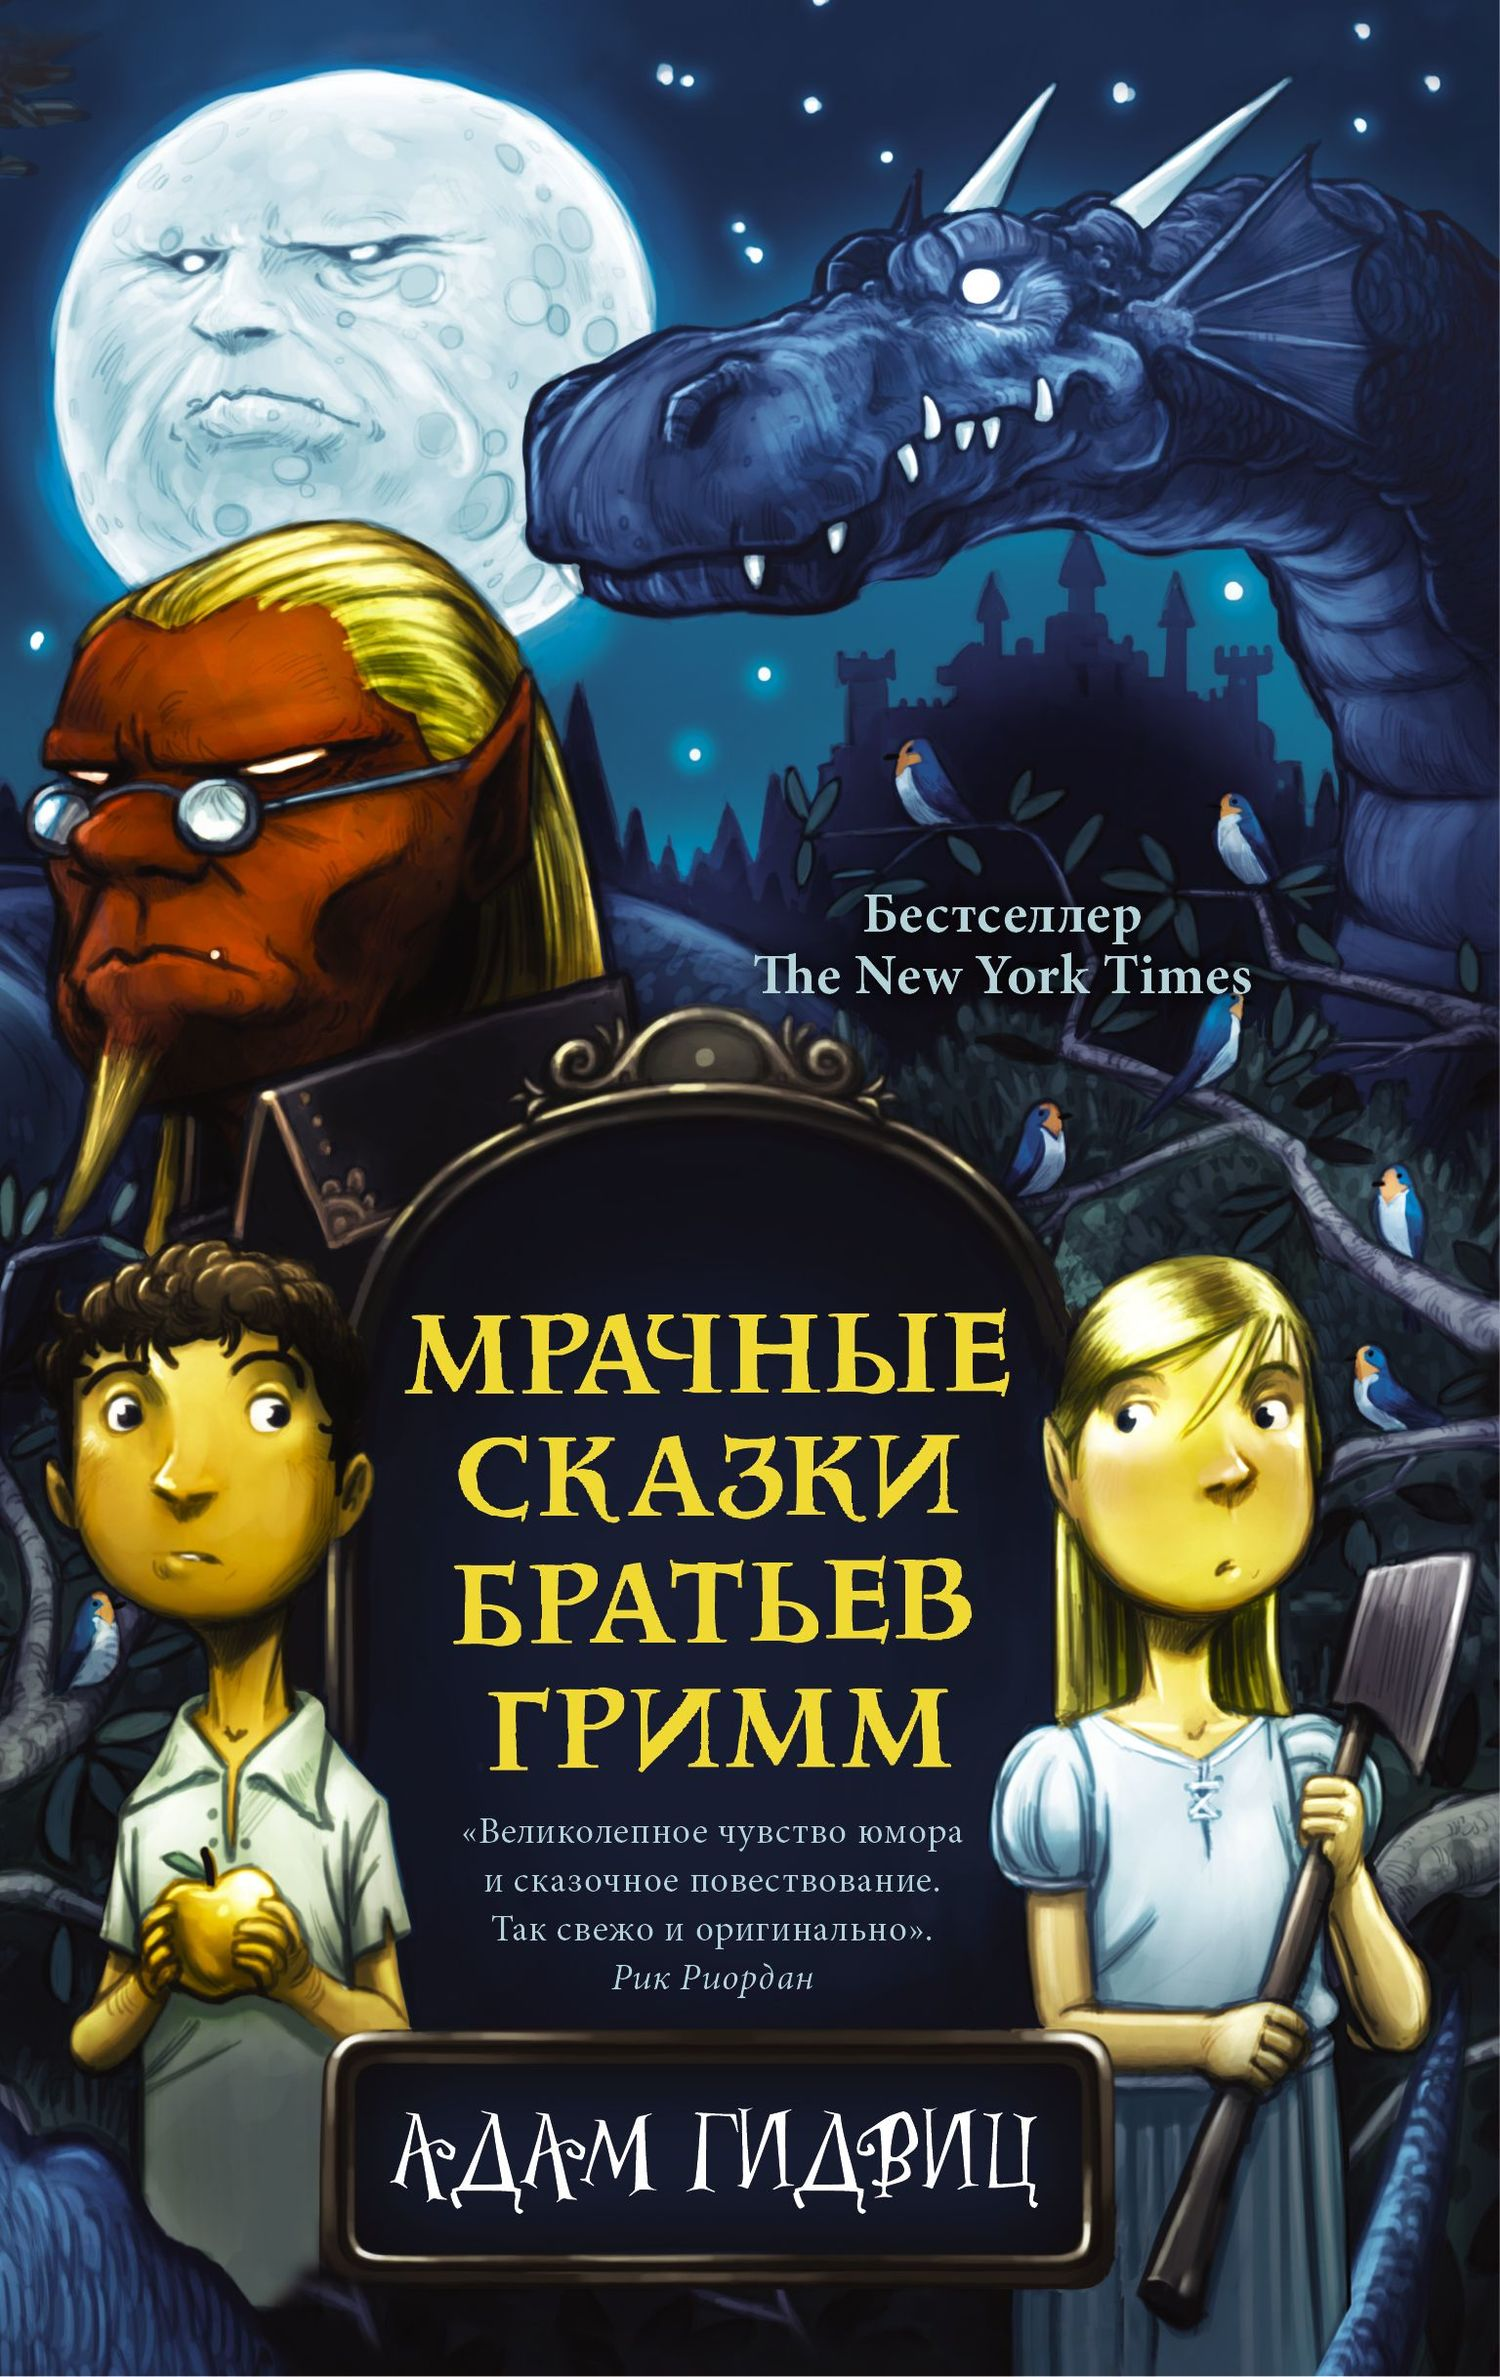 Скачать бесплатно Мрачные сказки братьев Гримм